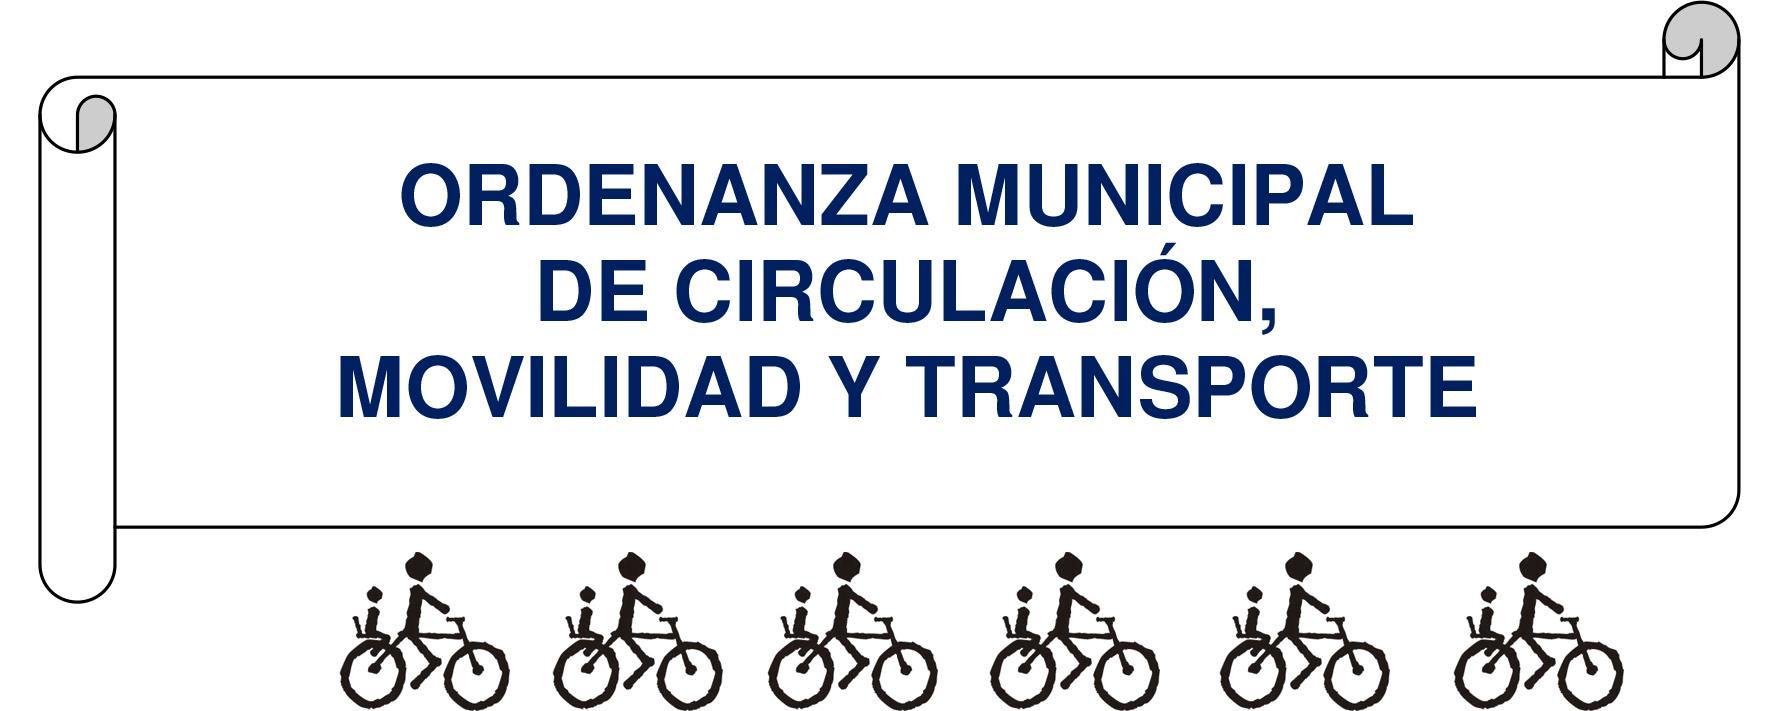 Portada del borrador de la ordenanza rodeada de iconos de bicicletas